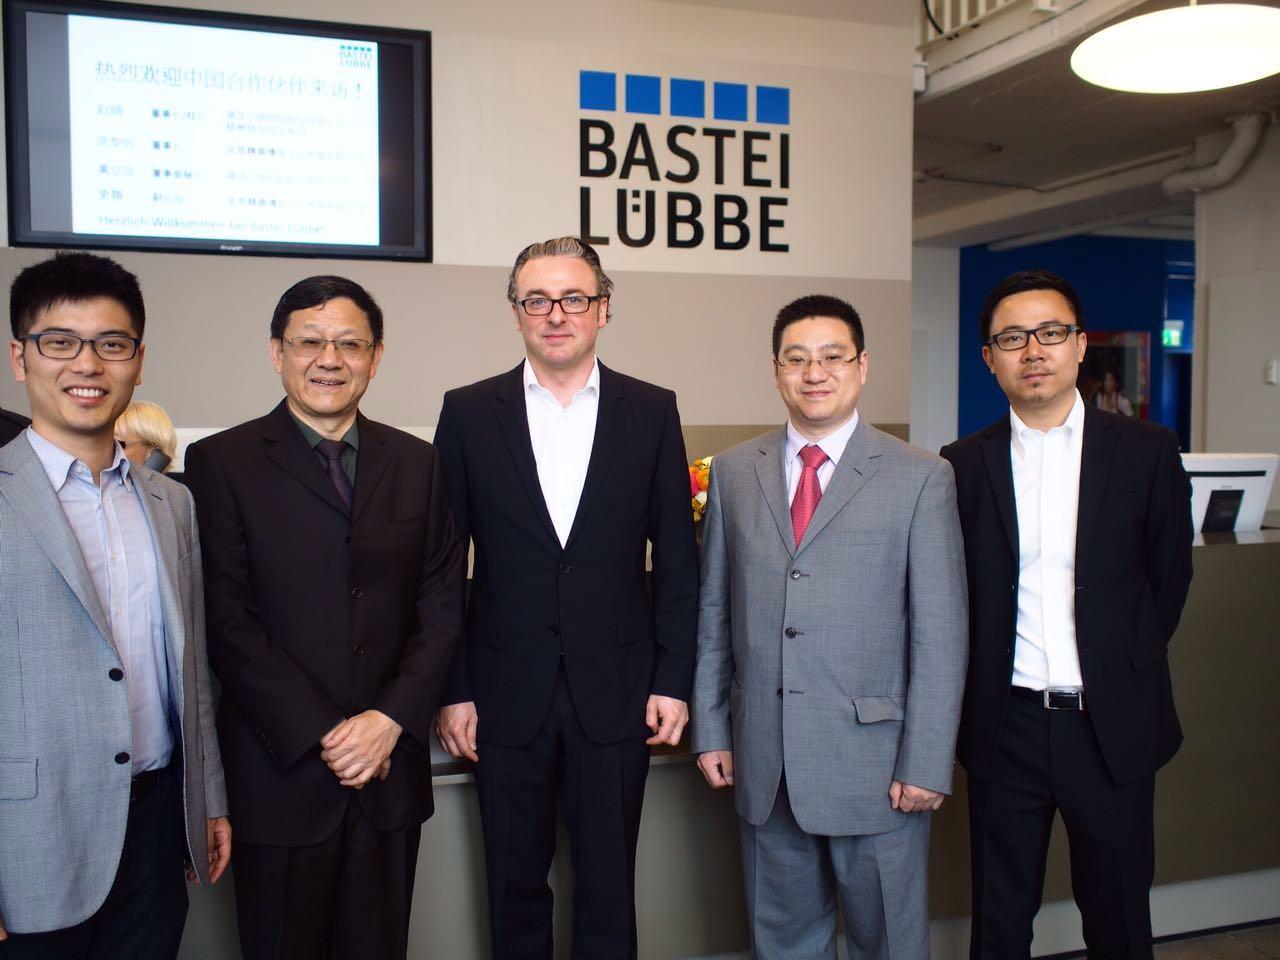 陈黎明、赵晴、史翔先生和吕贝集团投资总经理马克先生合影